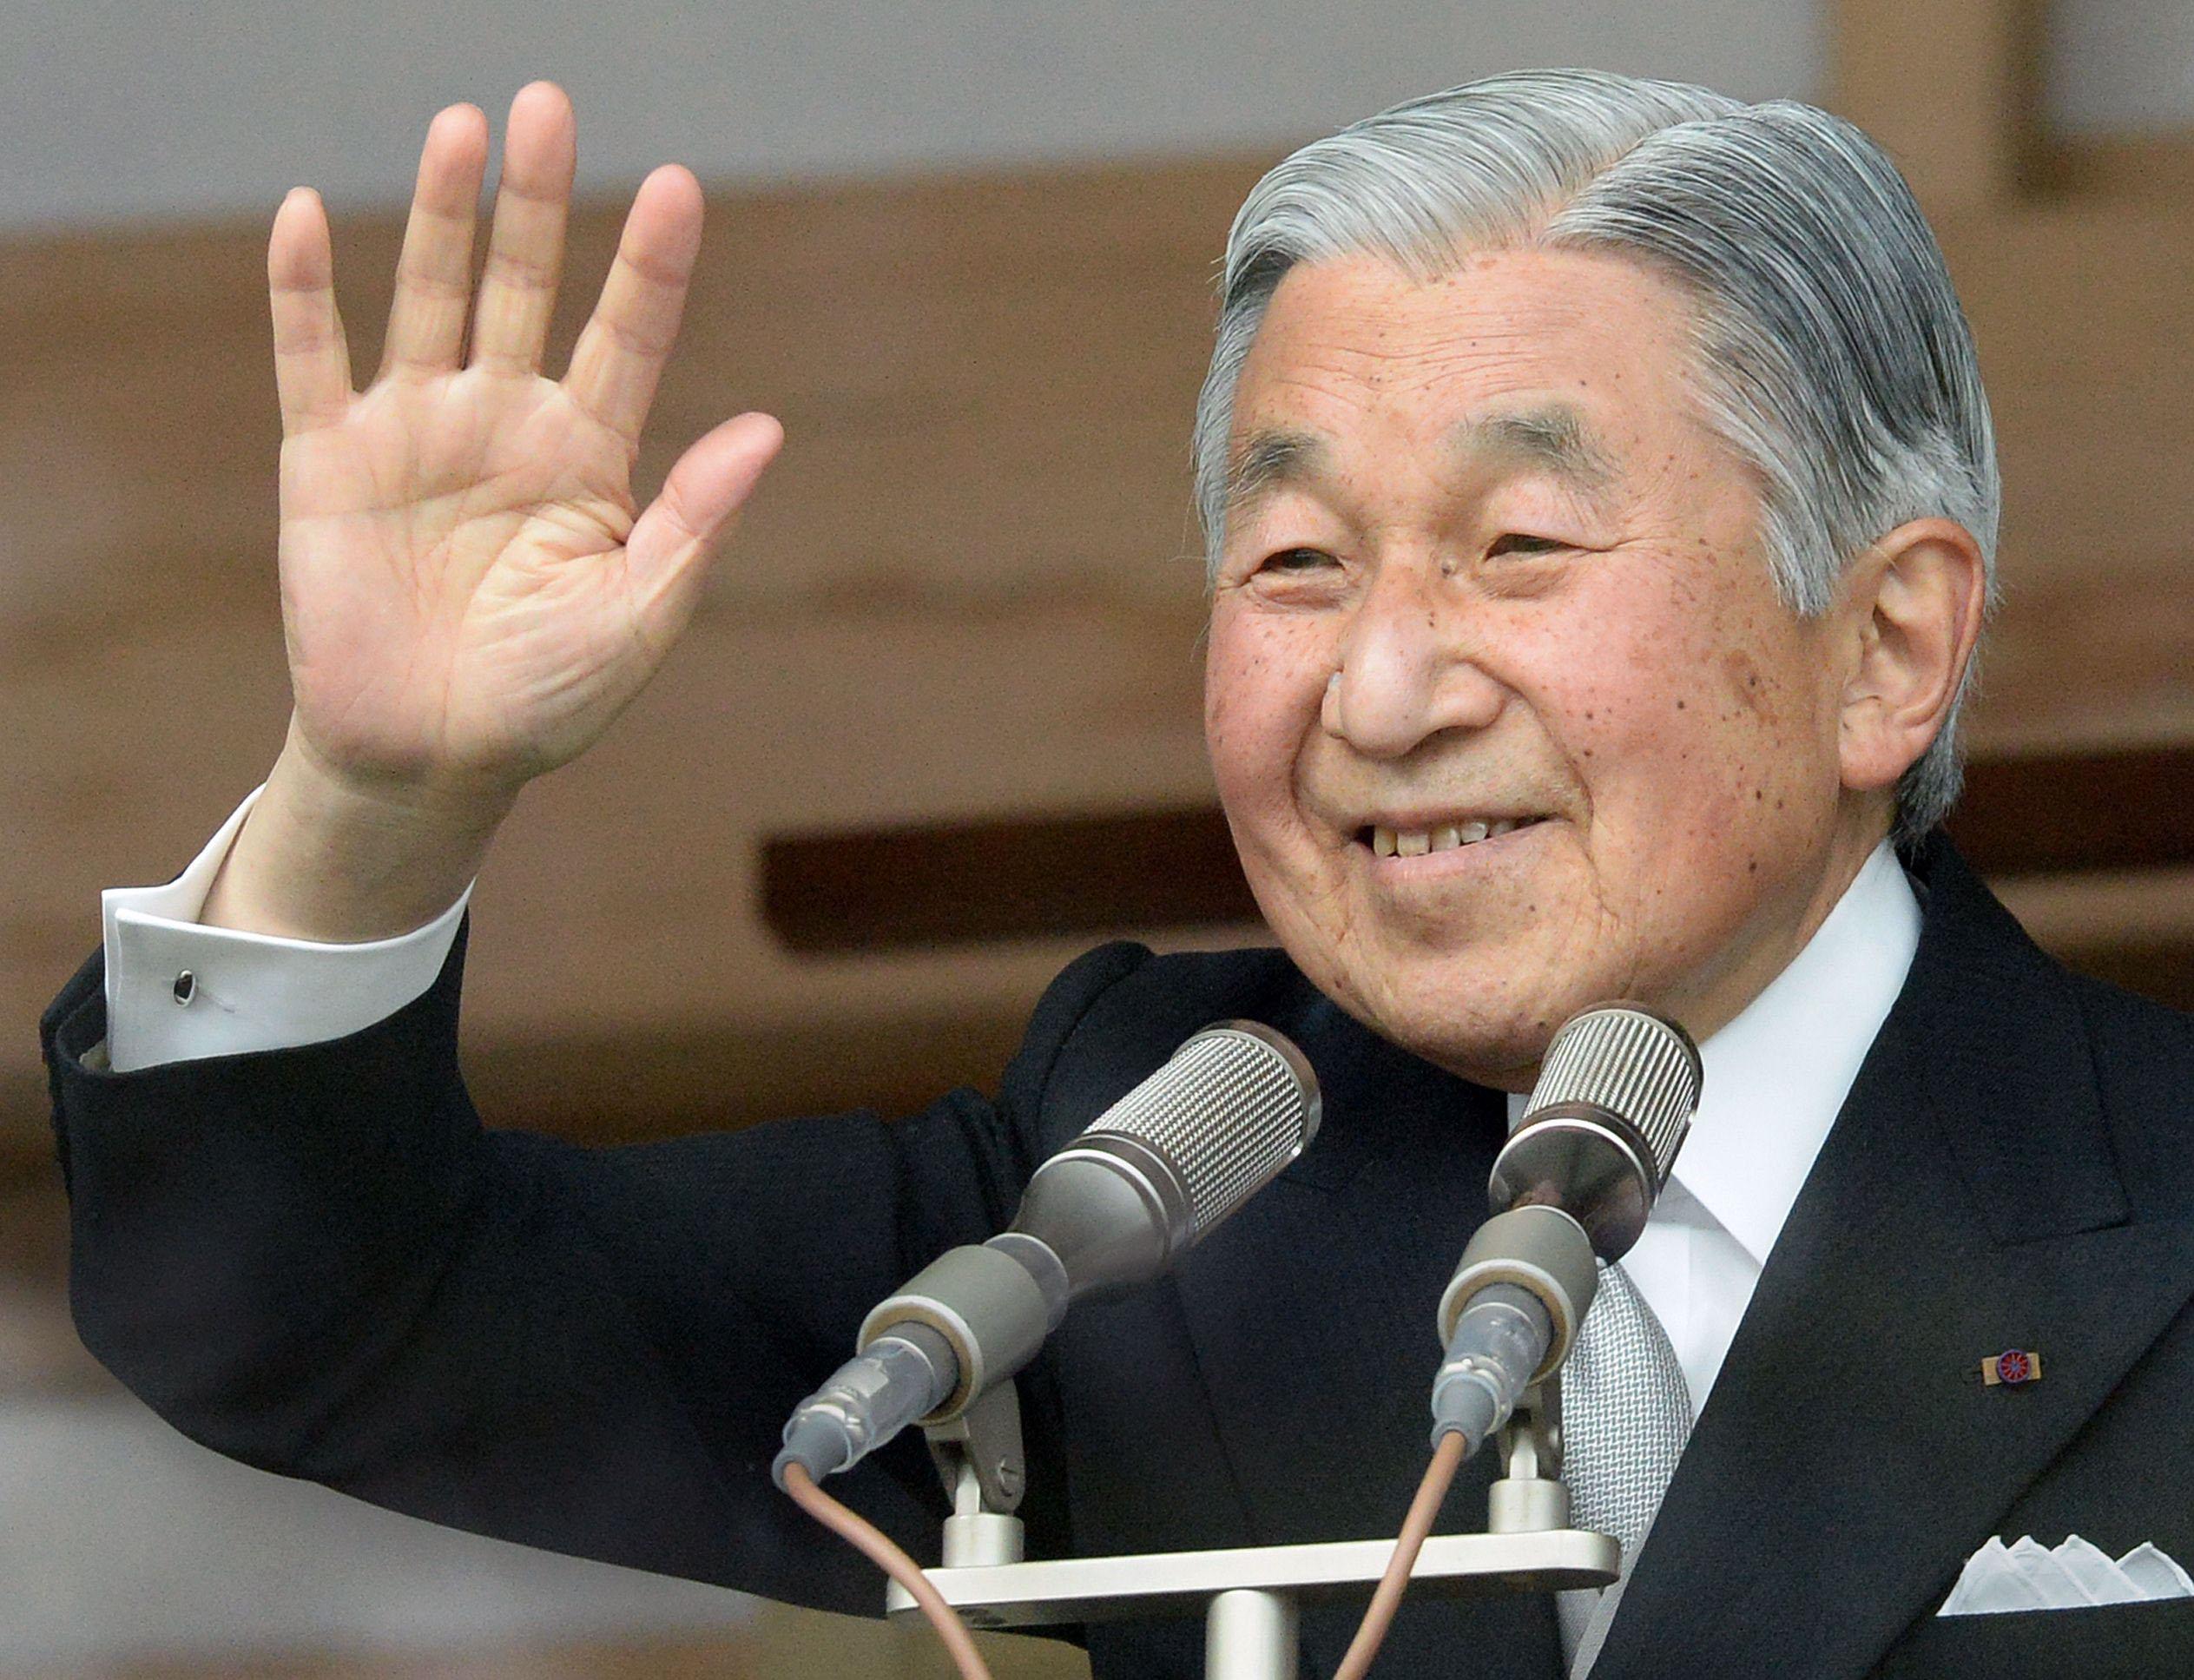 اليابان.. إقرار قانون يسمح بتنازل الإمبراطور أكيهيتو عن الحكم